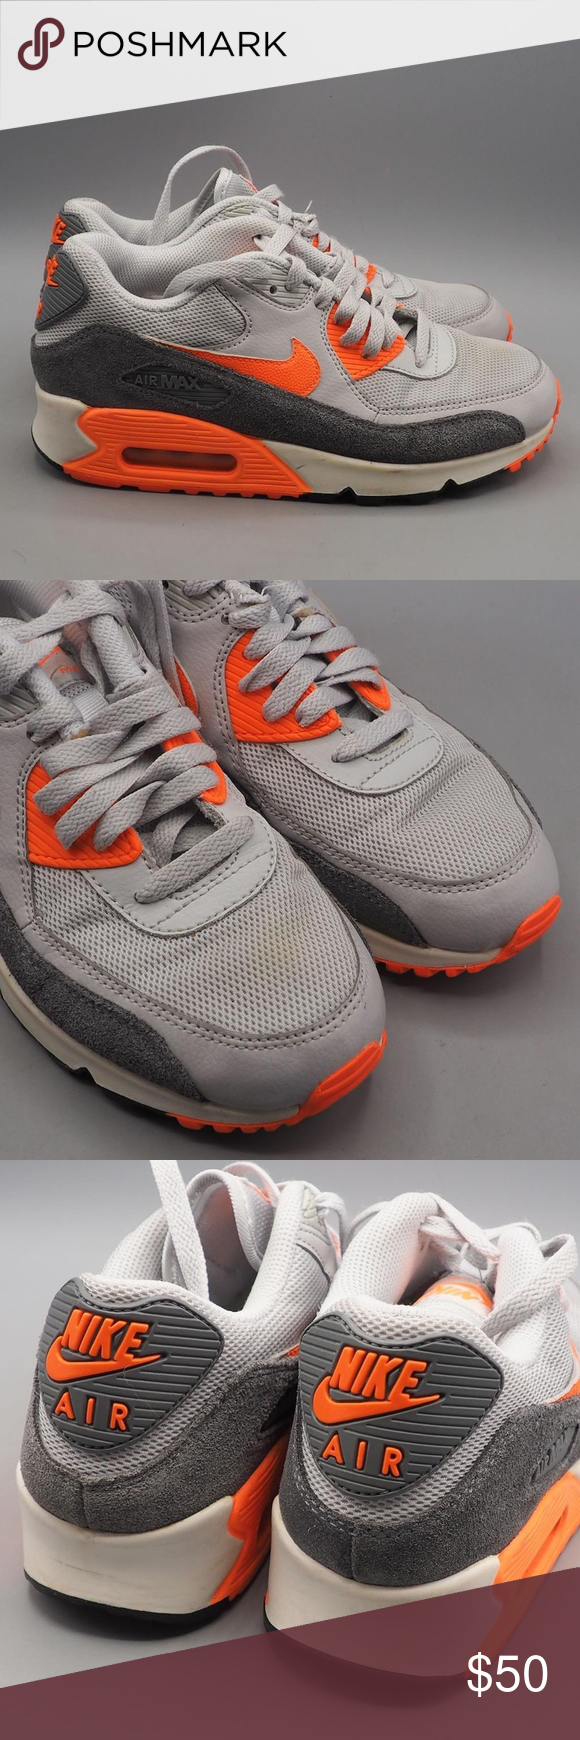 Nike Air Max 90 Essential Gray Orange White Size 8 Nike Air